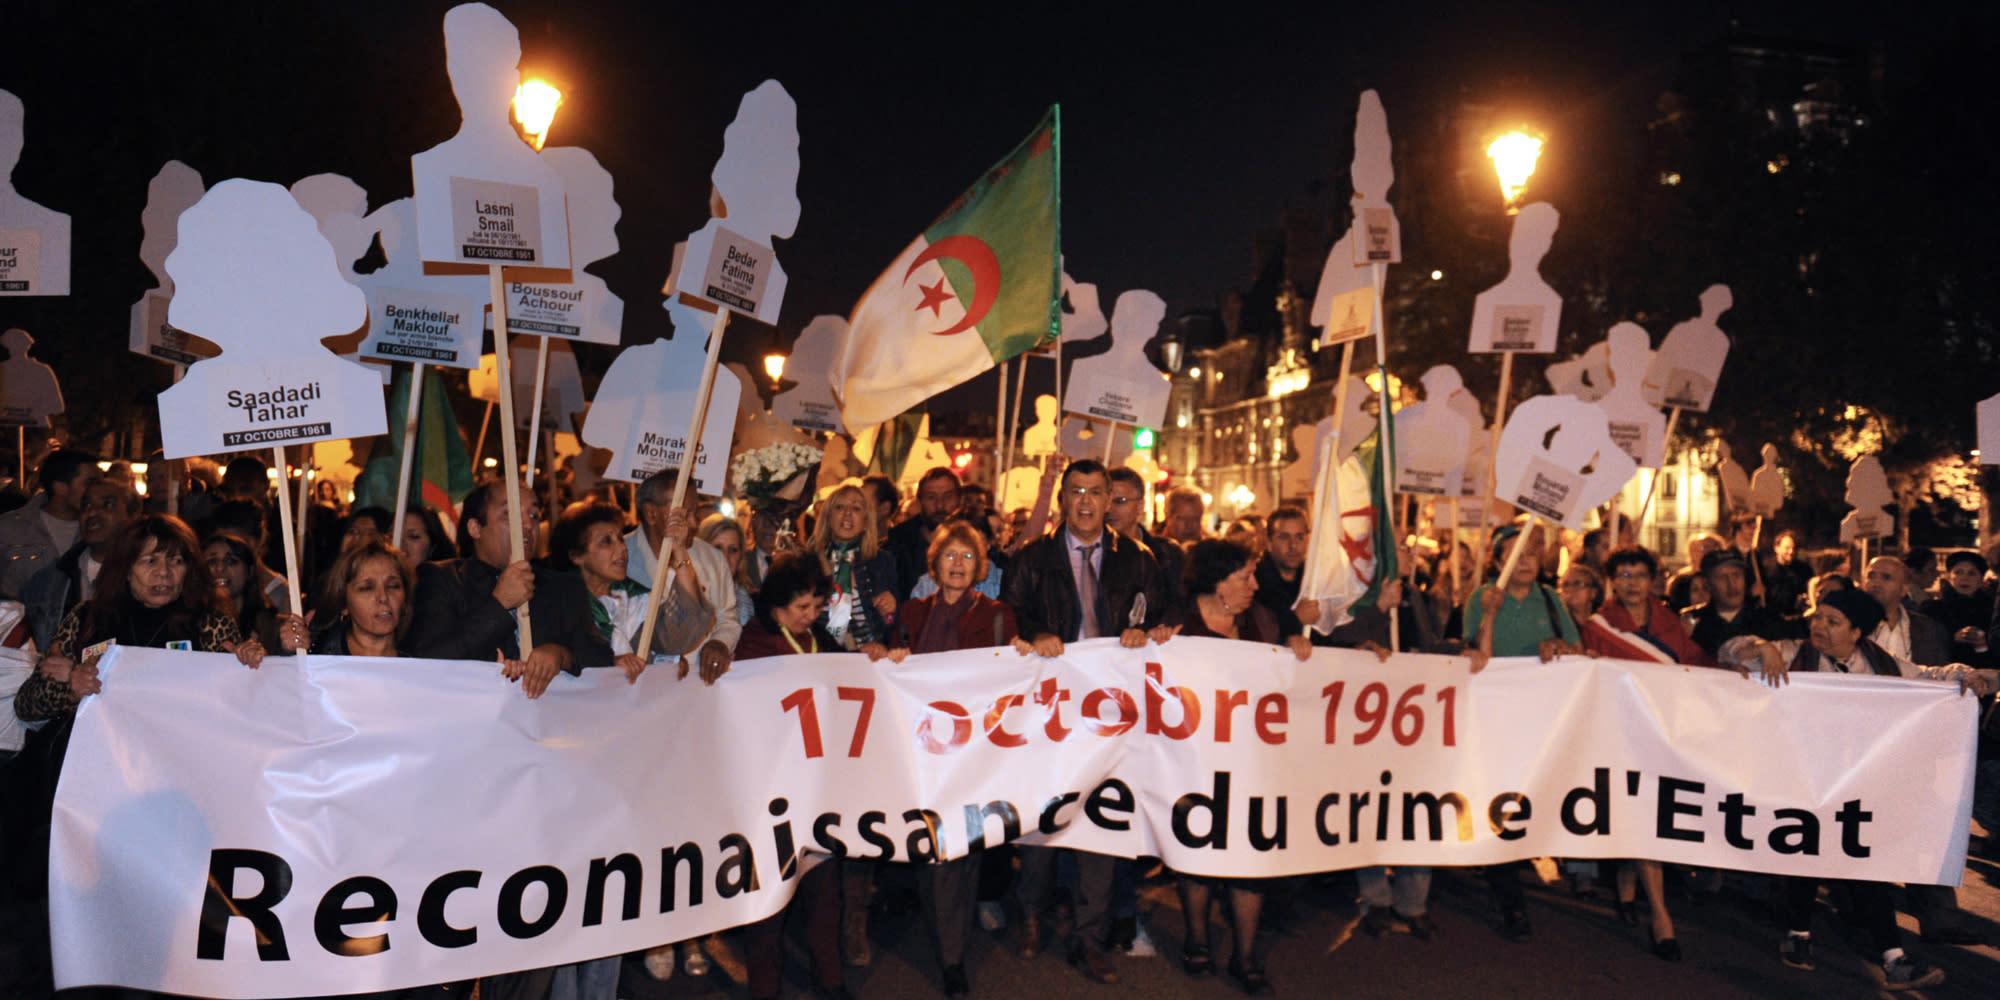 Massacre du 17 octobre 1961 : une commémoration inédite de la part de la France